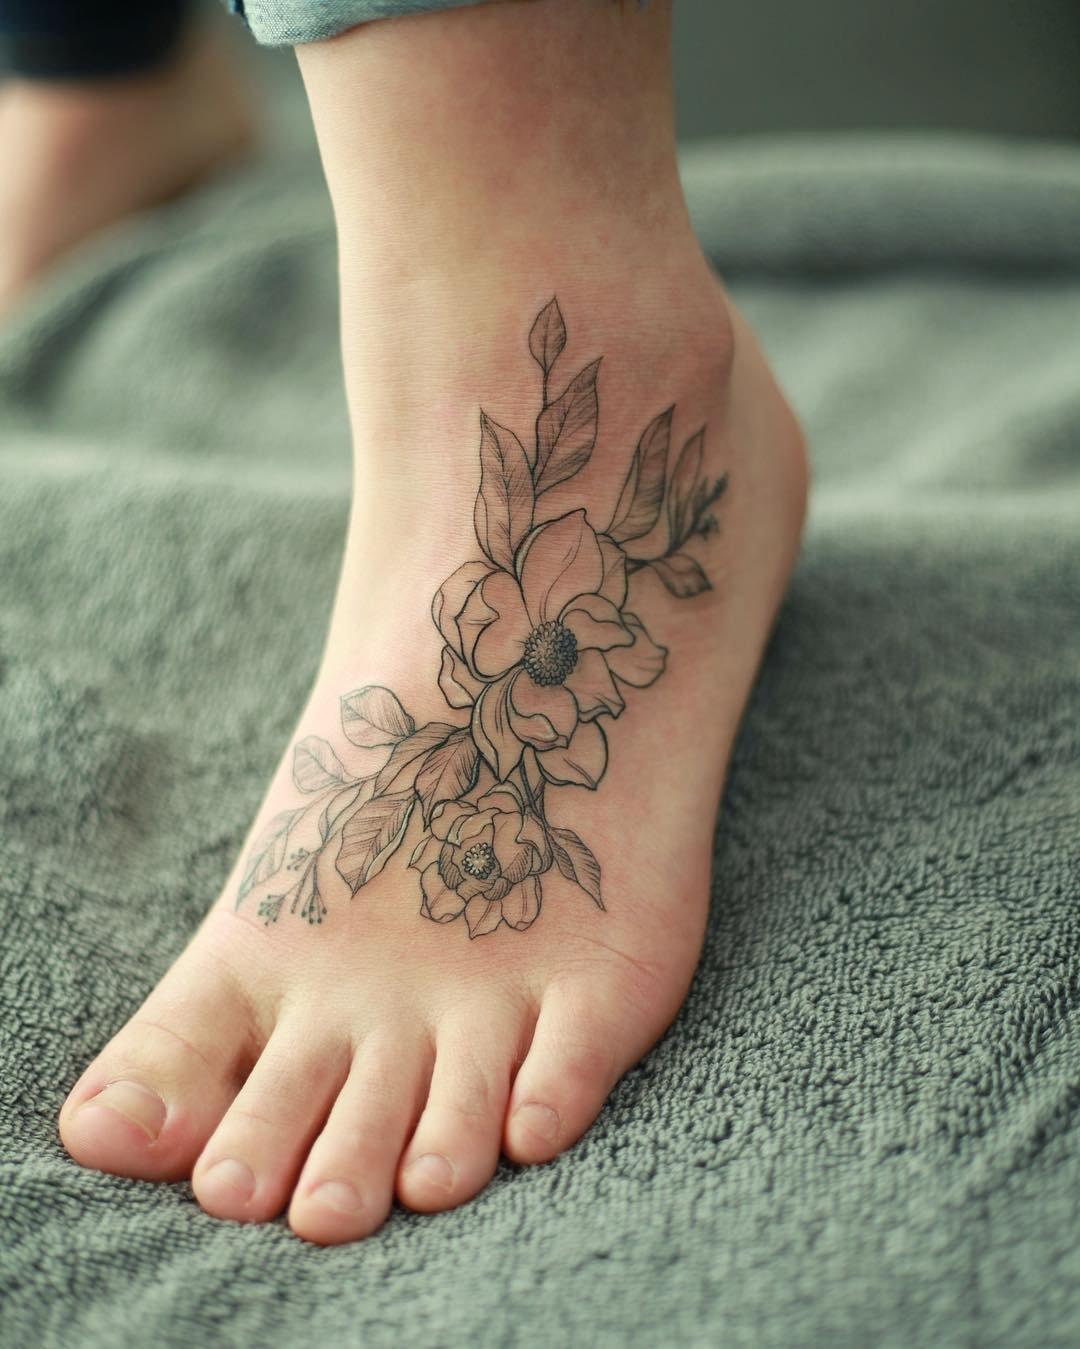 Самые красивые тату для девушки на ноге фото